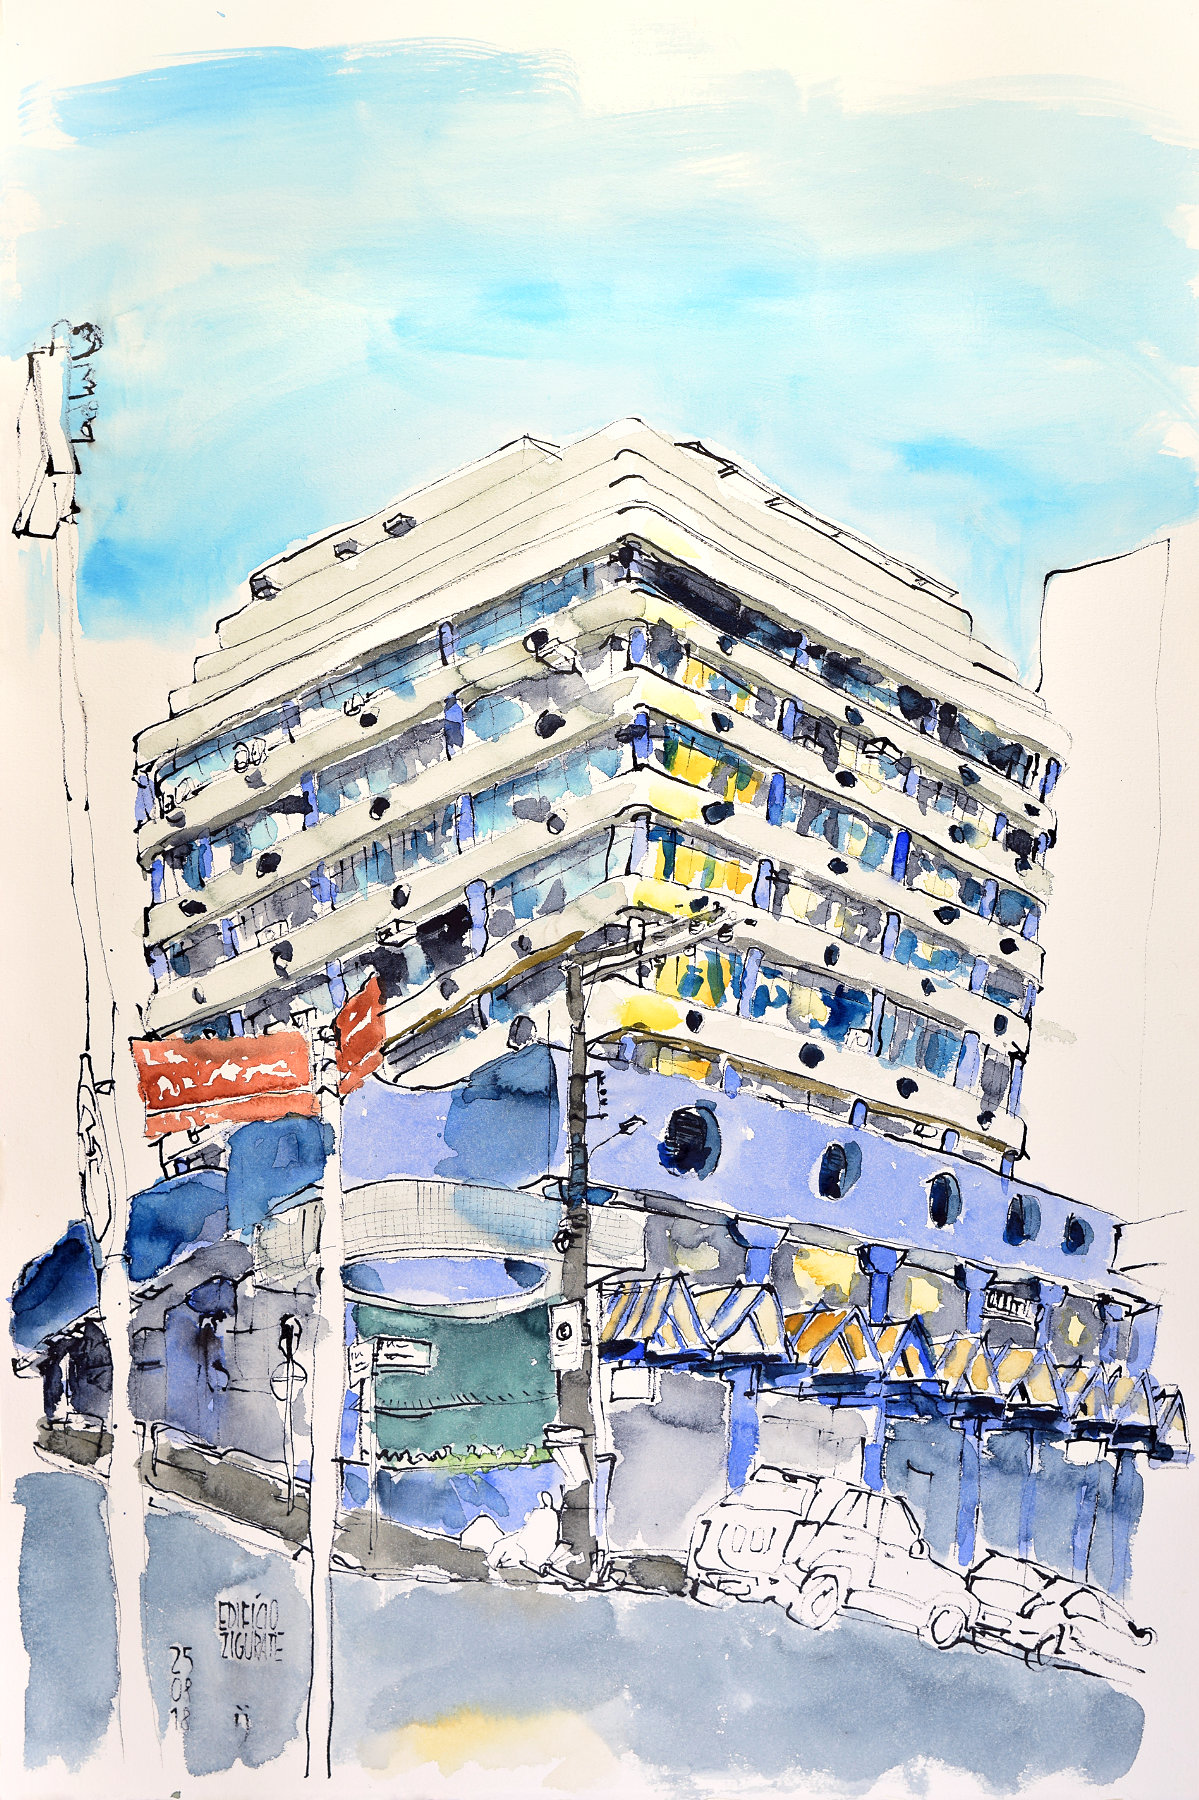 Desenho a traço colorido com aquarela do edifício Zigurate, em uma esquina, com volumes horizontais nas duas fachadas